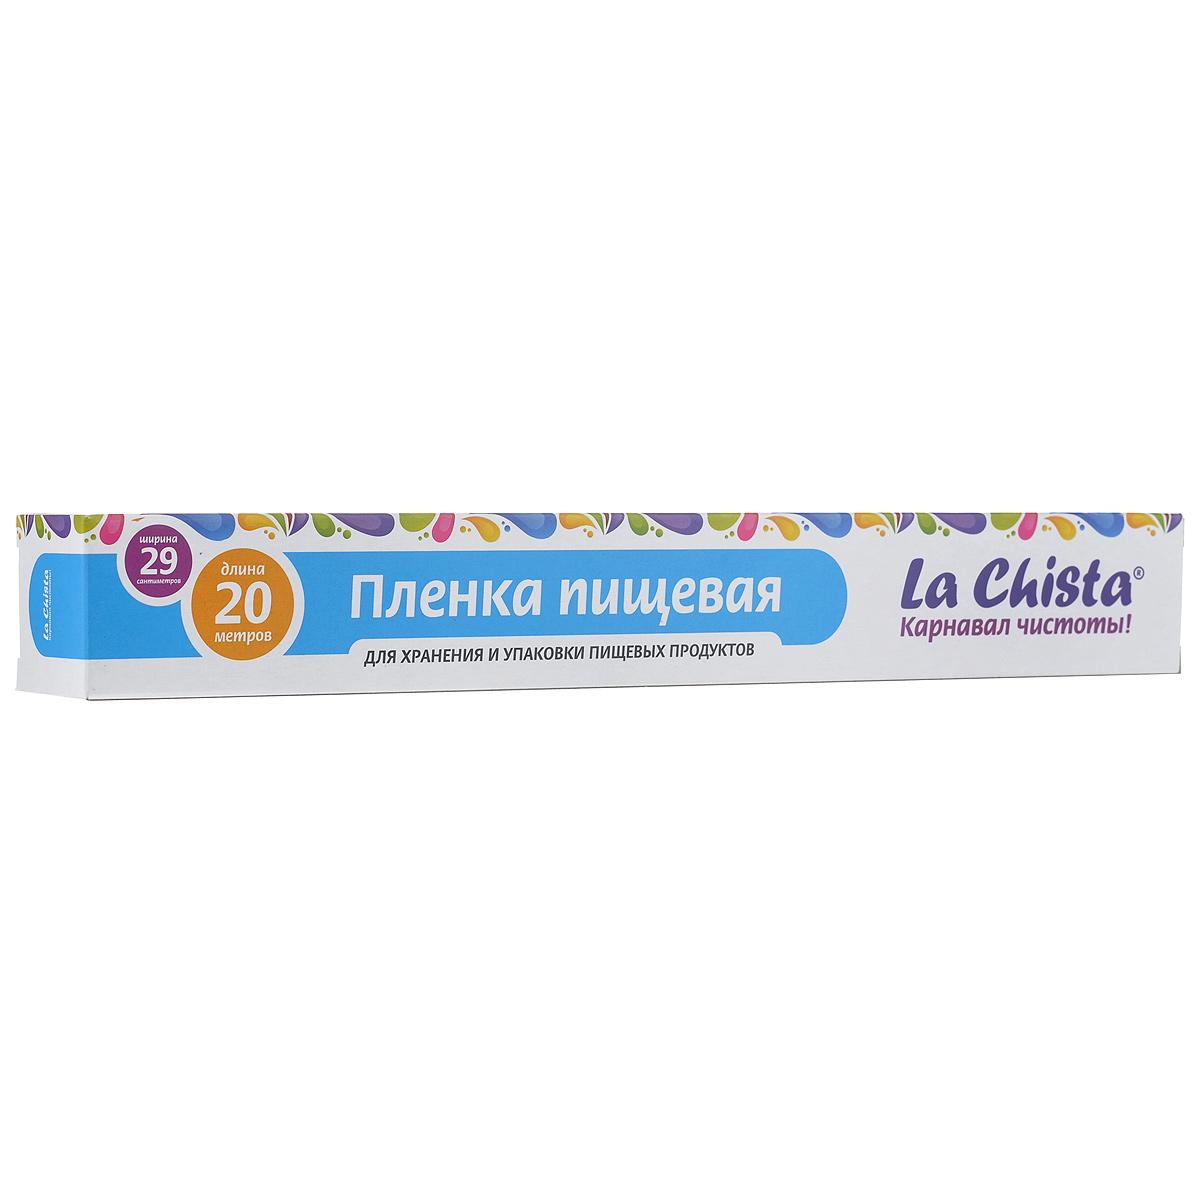 """Пленка пищевая """"La Chista"""", 20 м х 29 см"""